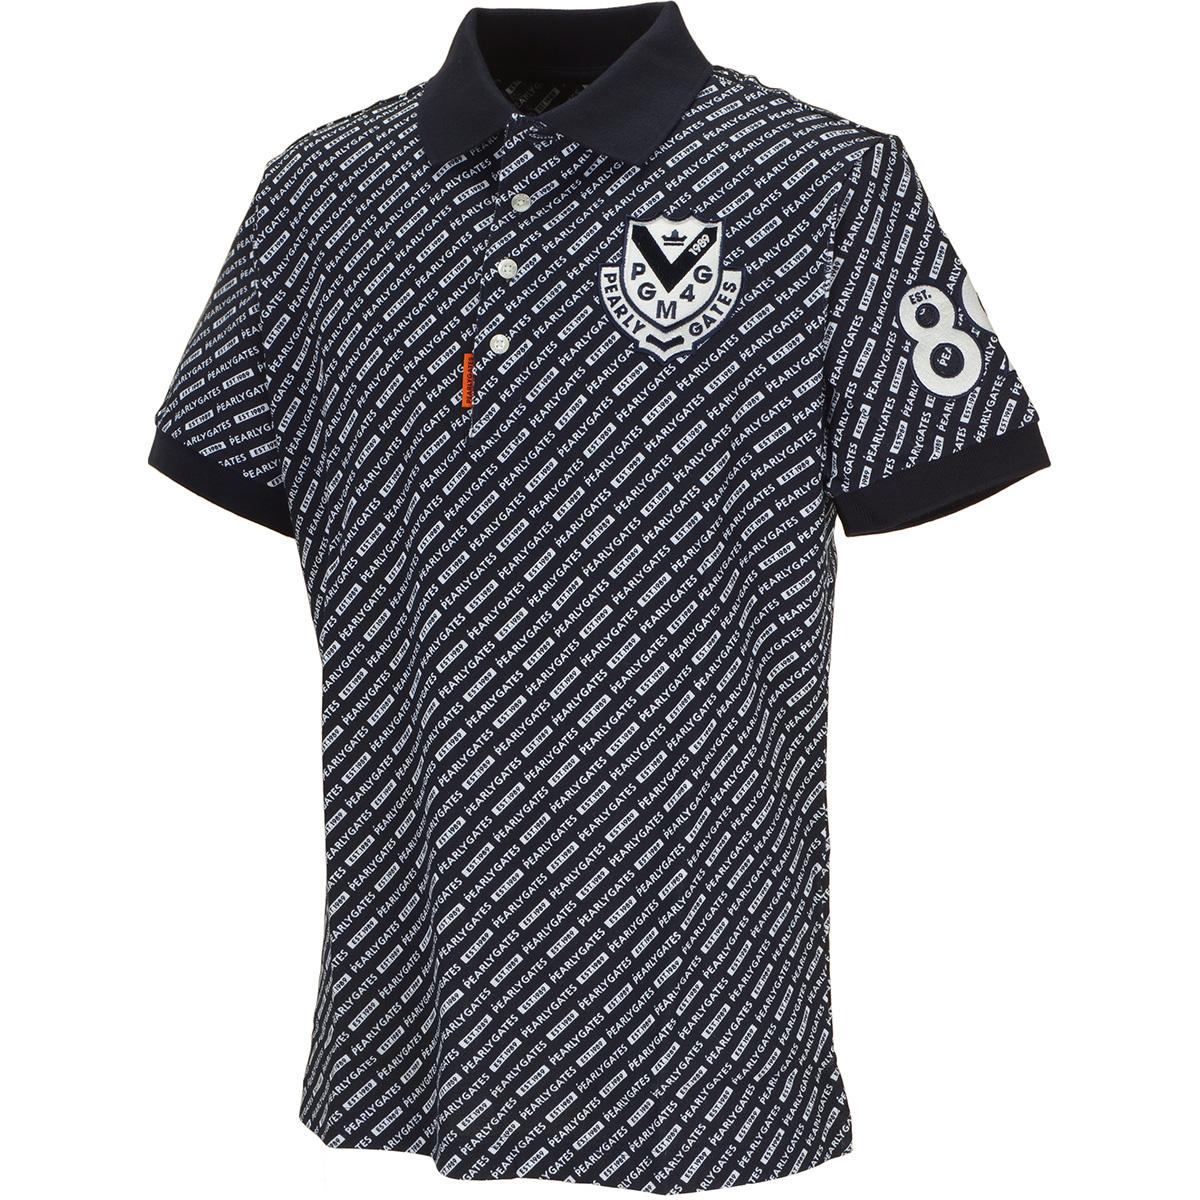 鹿の子ロゴ柄 半袖ポロシャツ